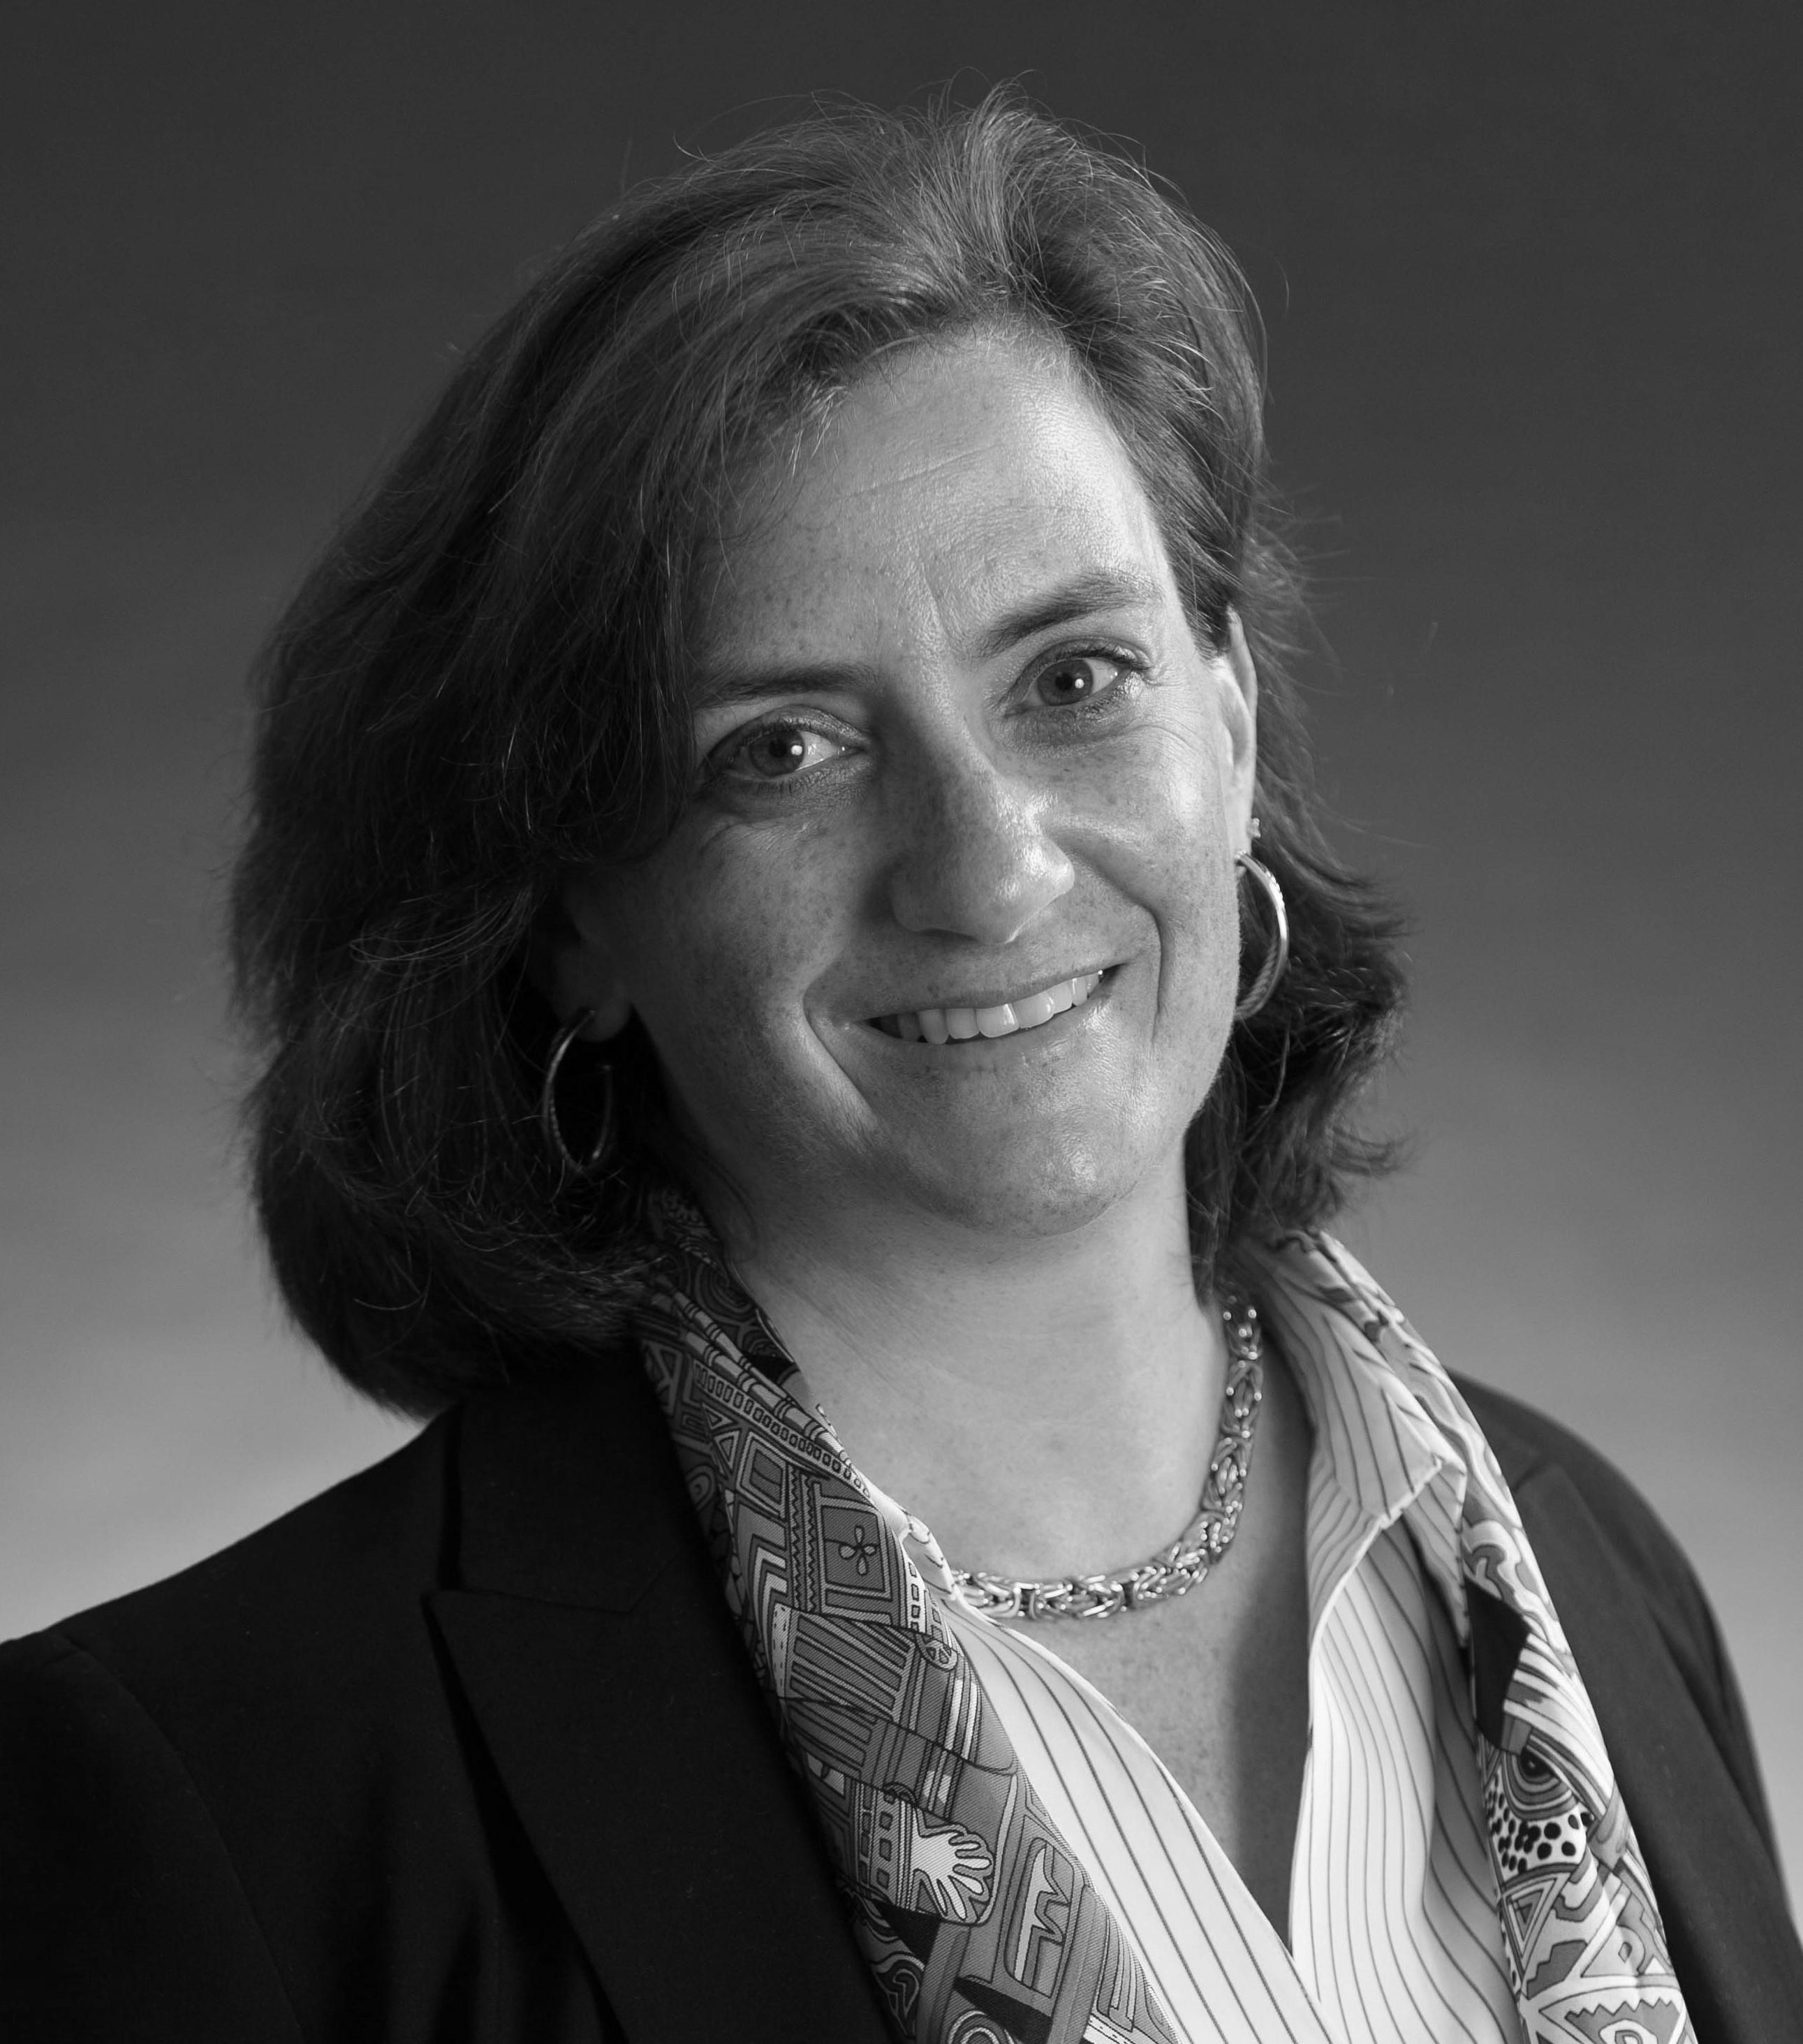 Elizabeth Altman